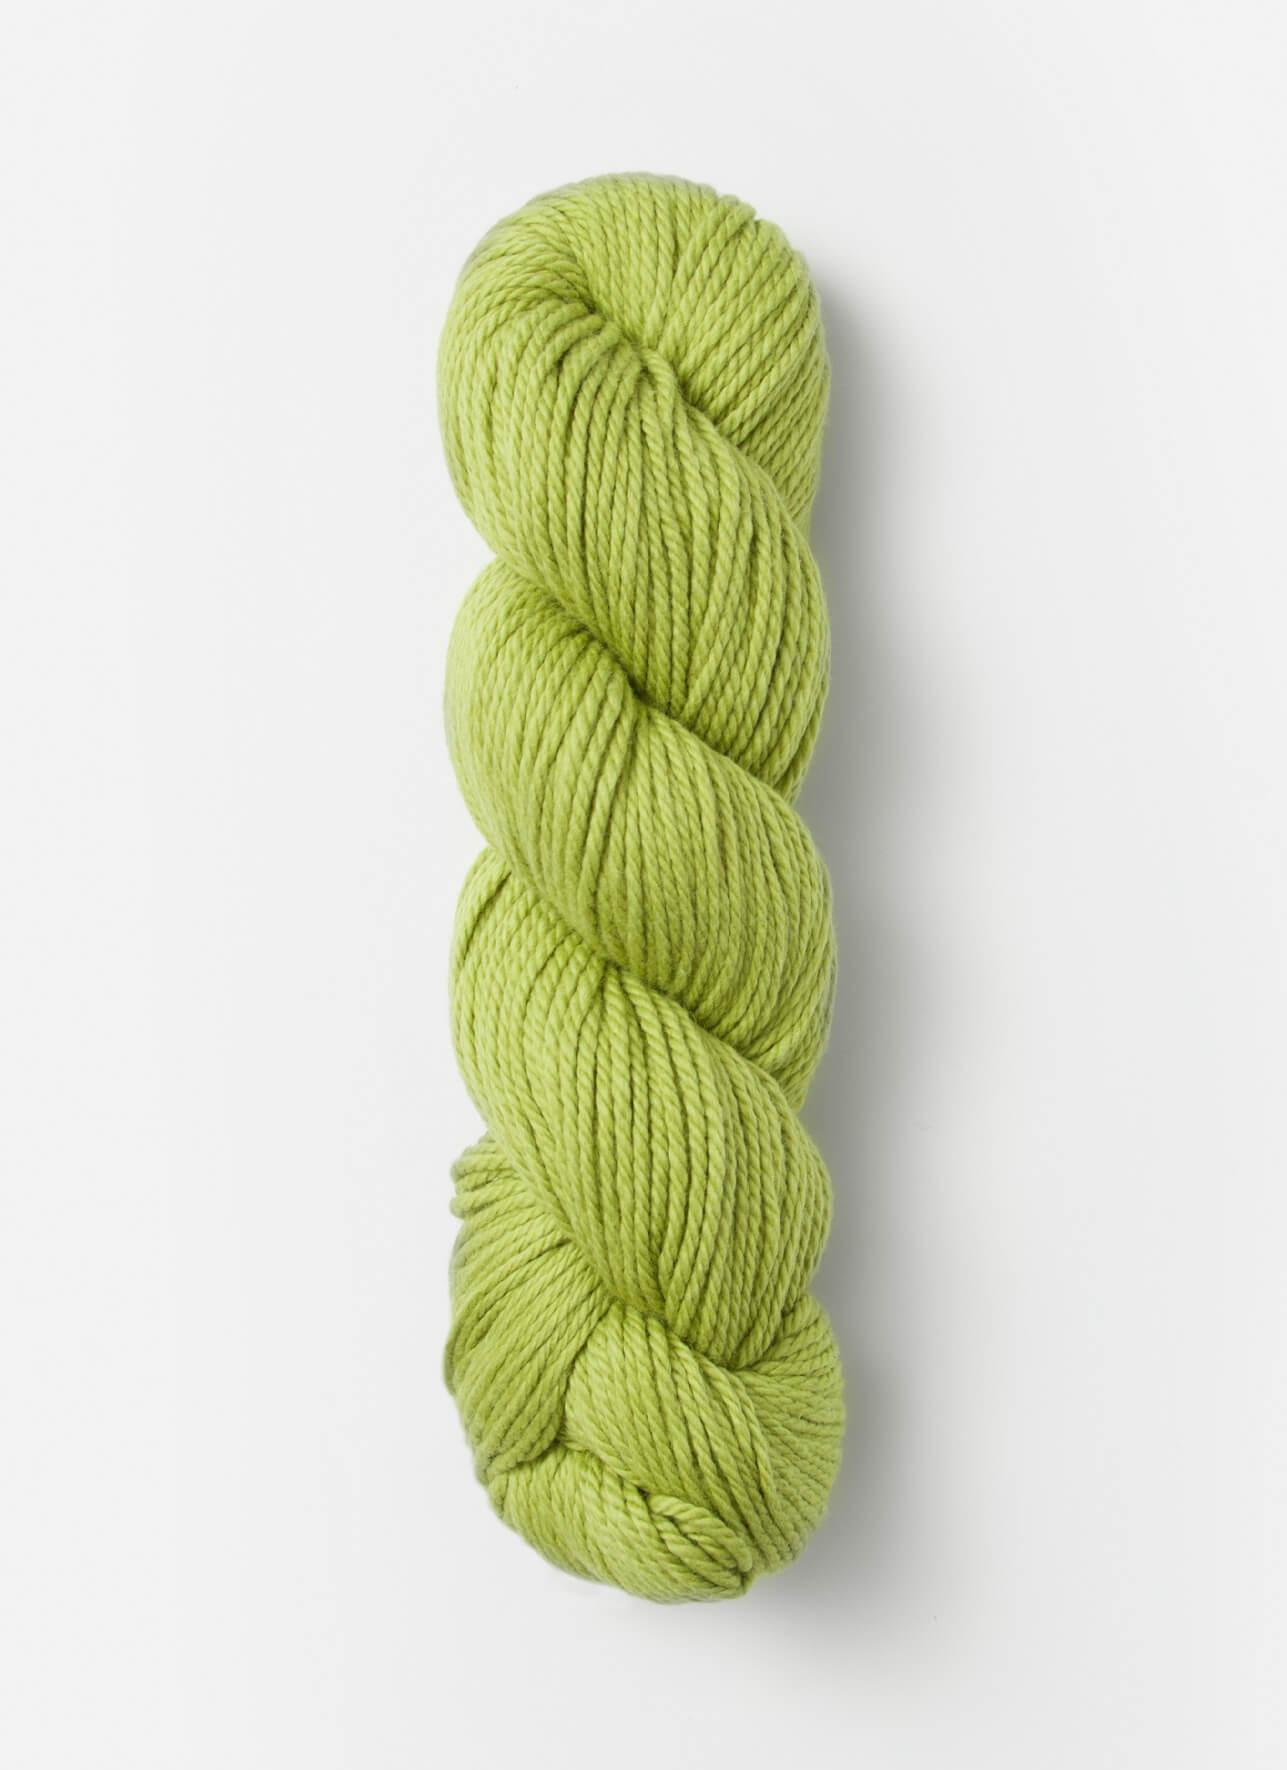 No. 7502: Grass